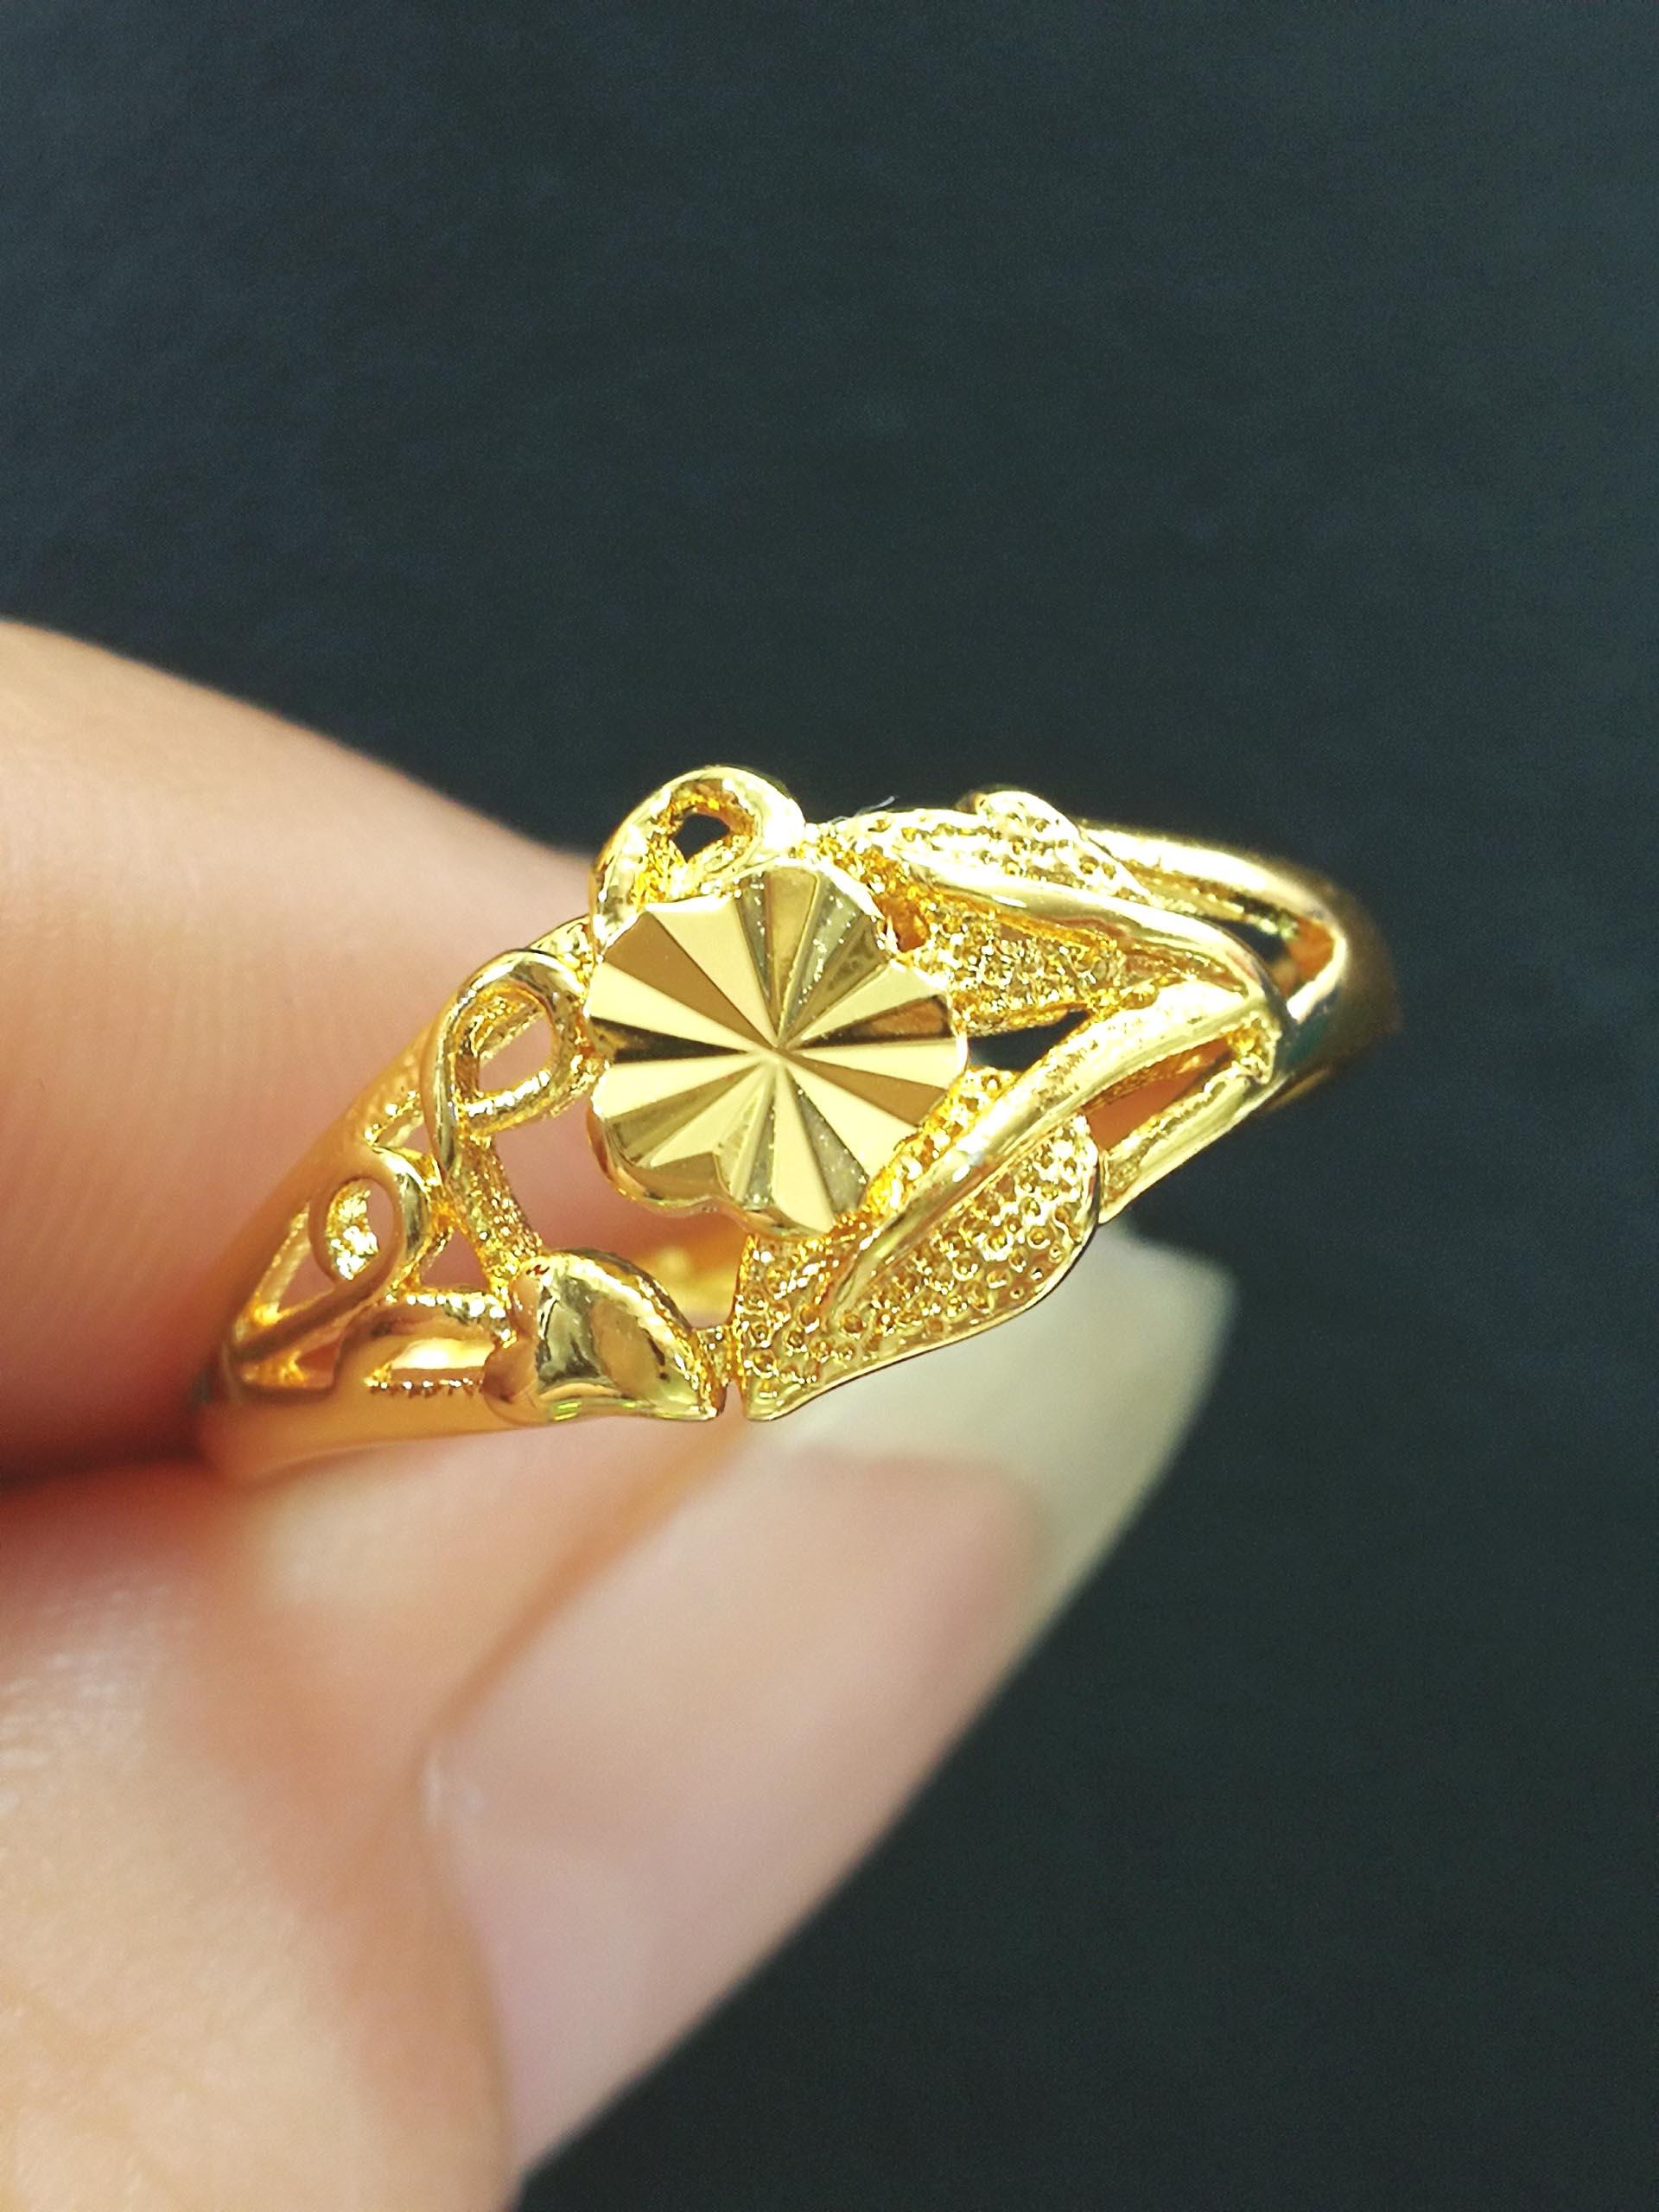 แหวนหุ้ม ทองคำแท้รหัส JR095